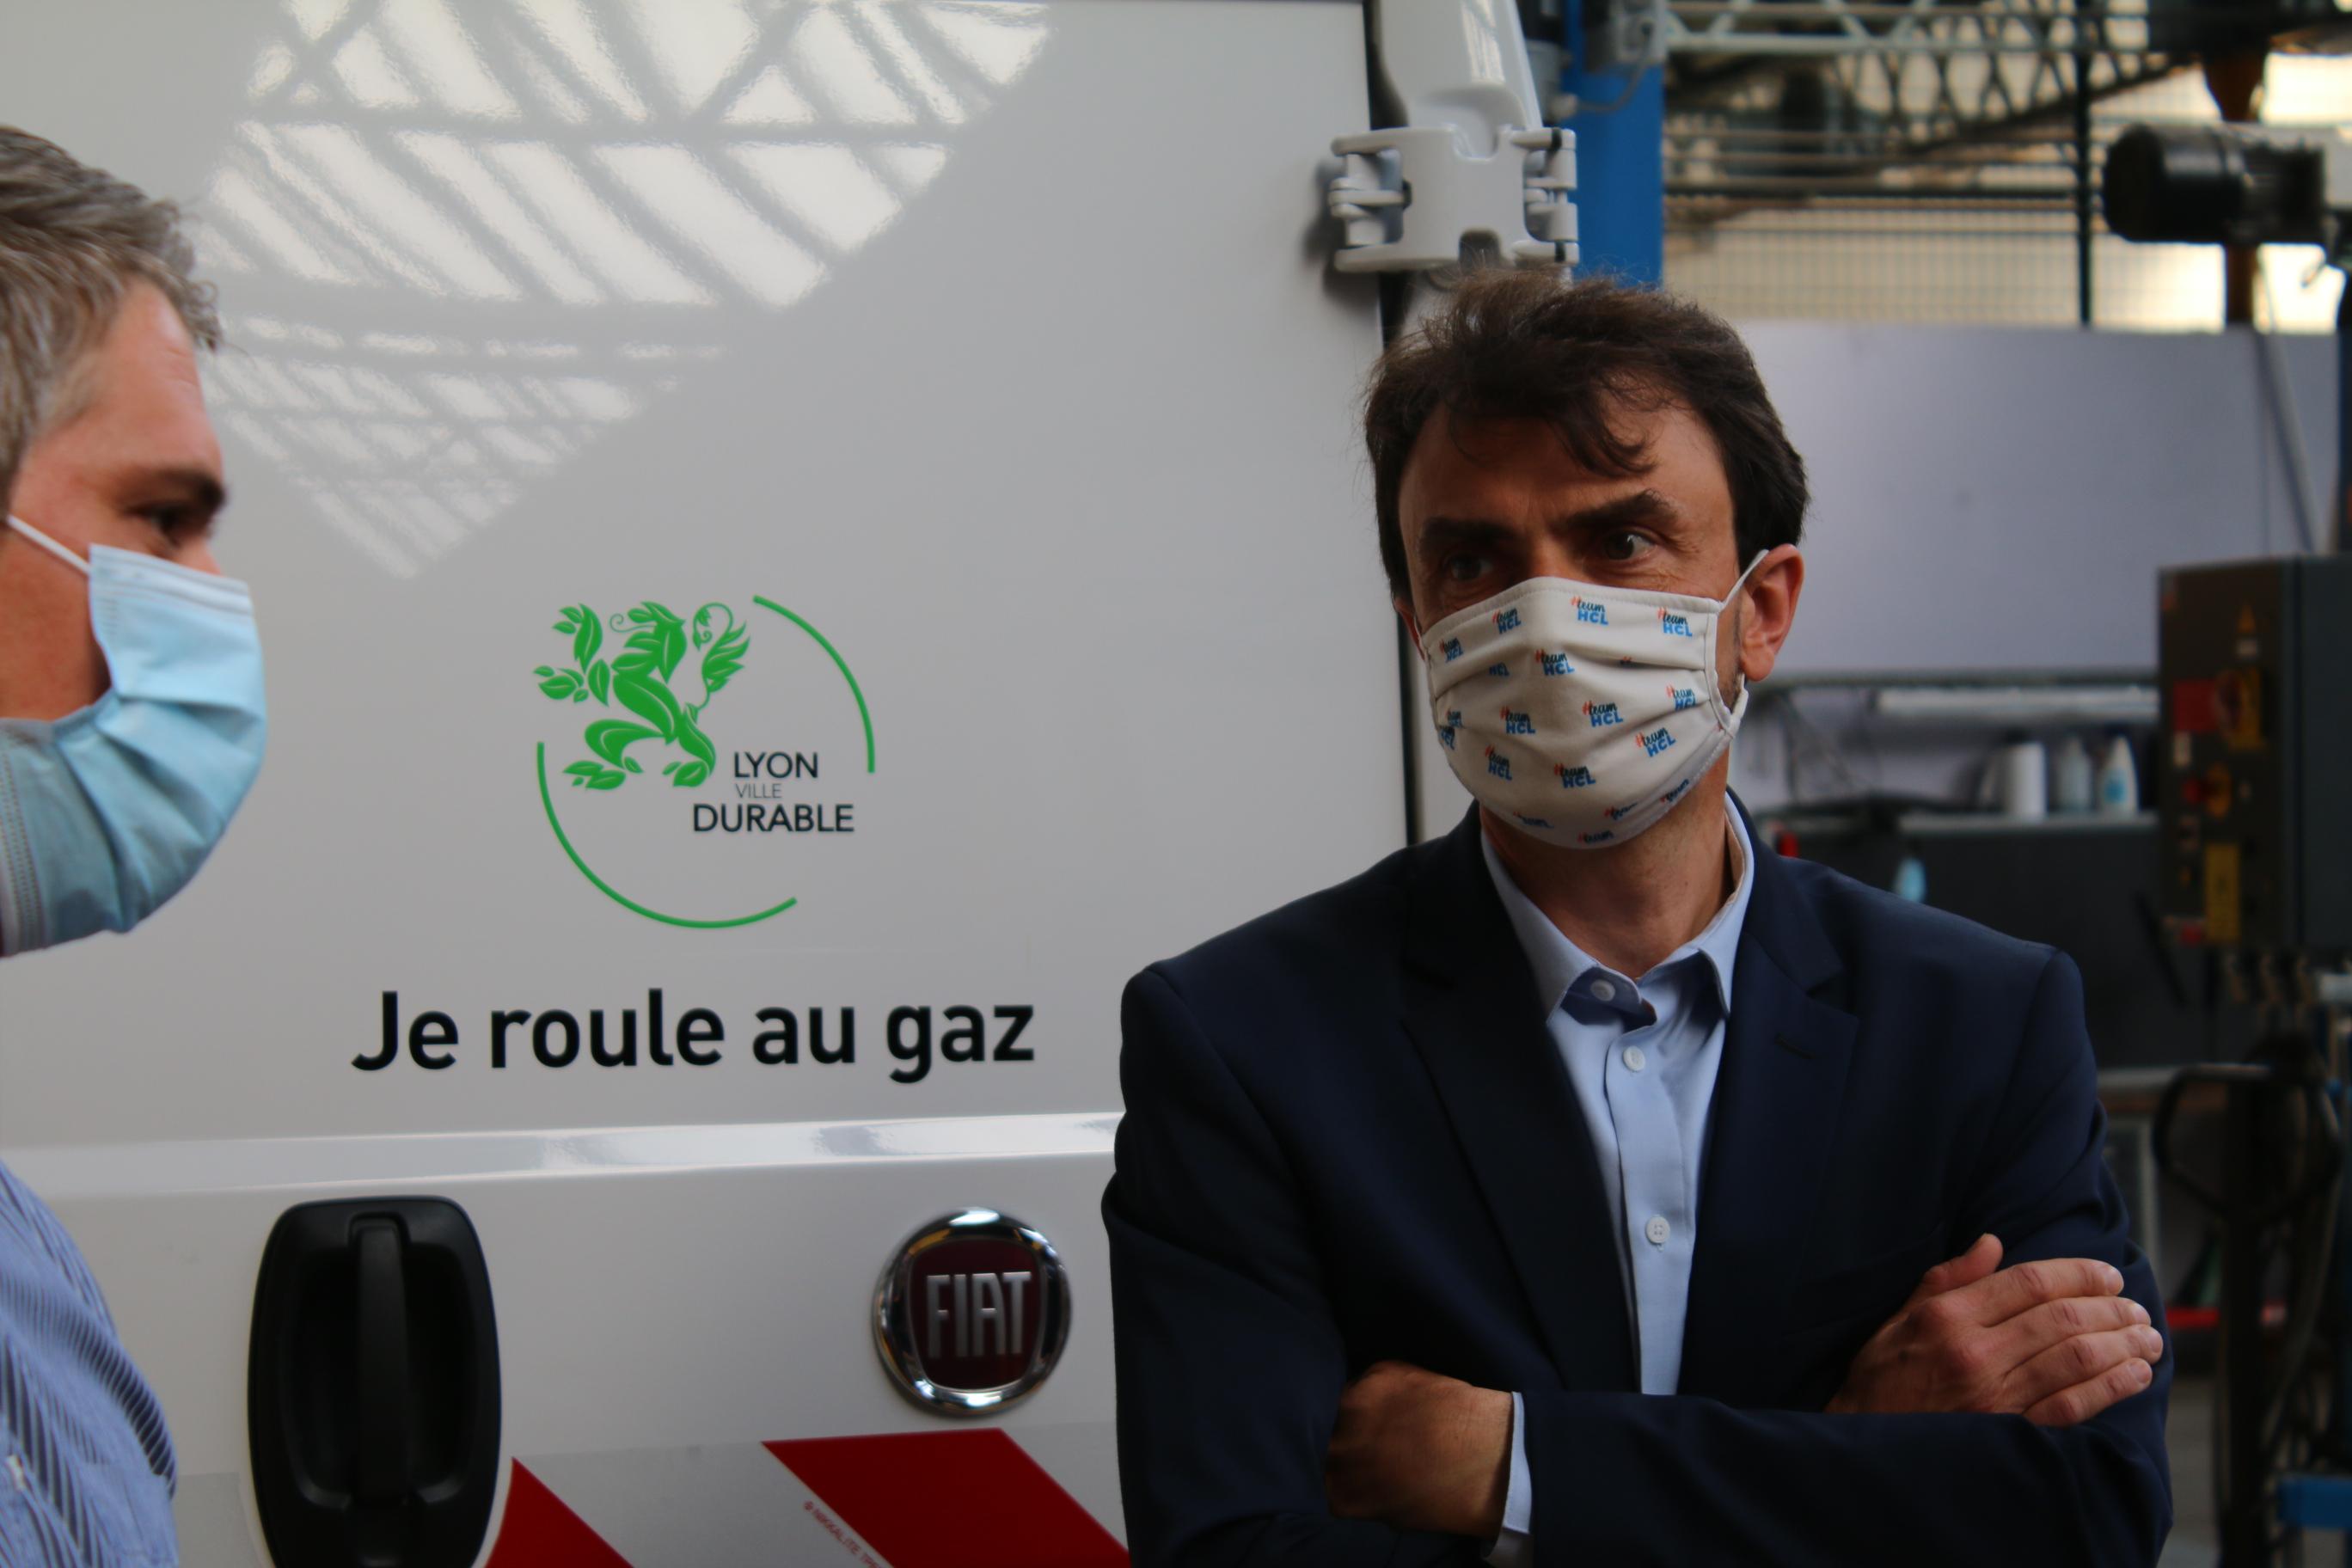 La Ville de Lyon débloque 15 millions d'euros pour remplacer 166 véhicules  municipaux polluants